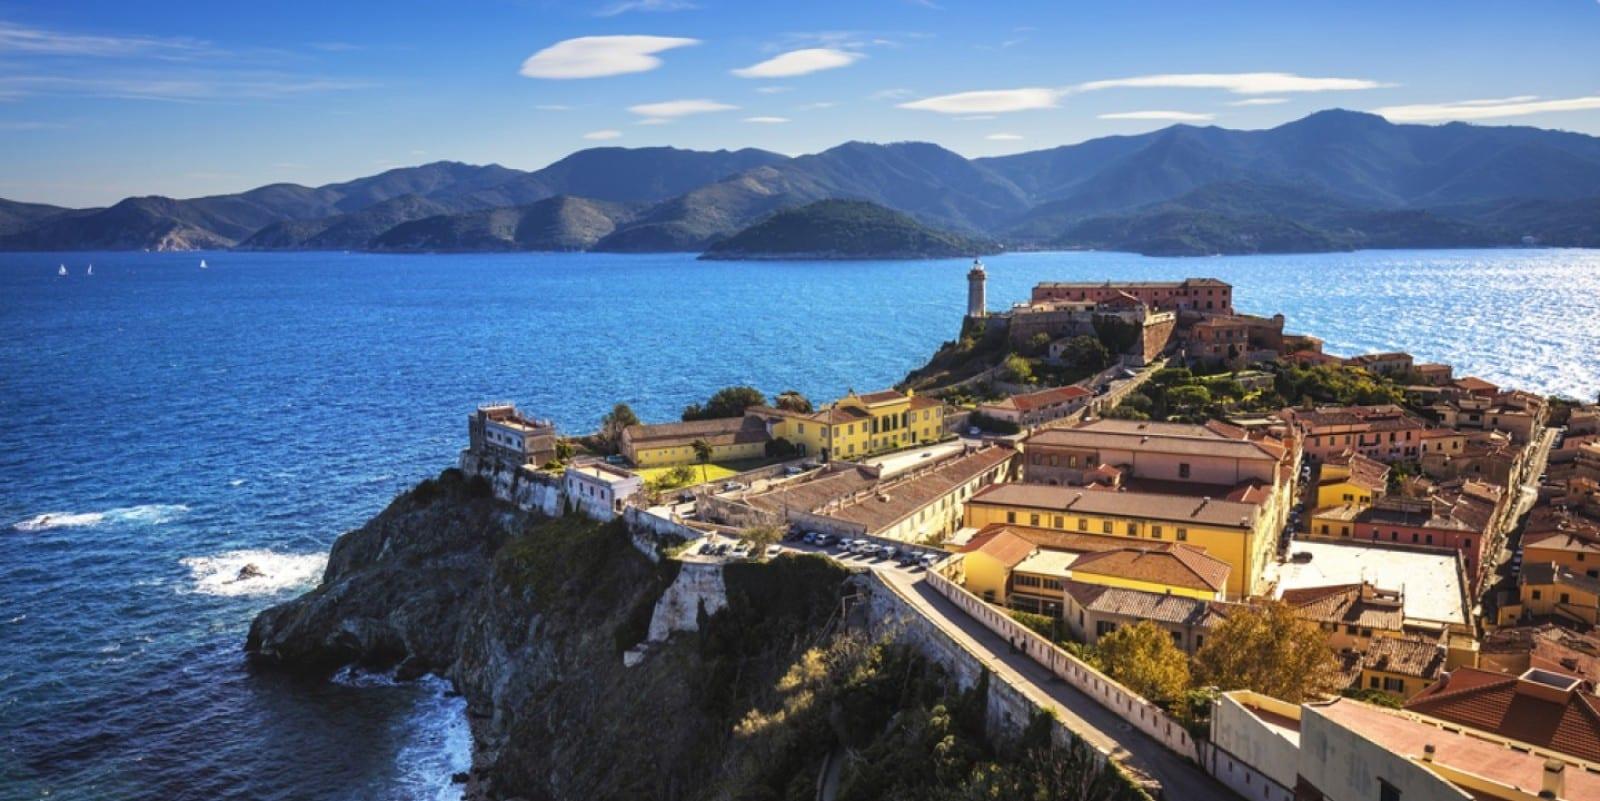 Тосканский архипелаг близ берегов Италии